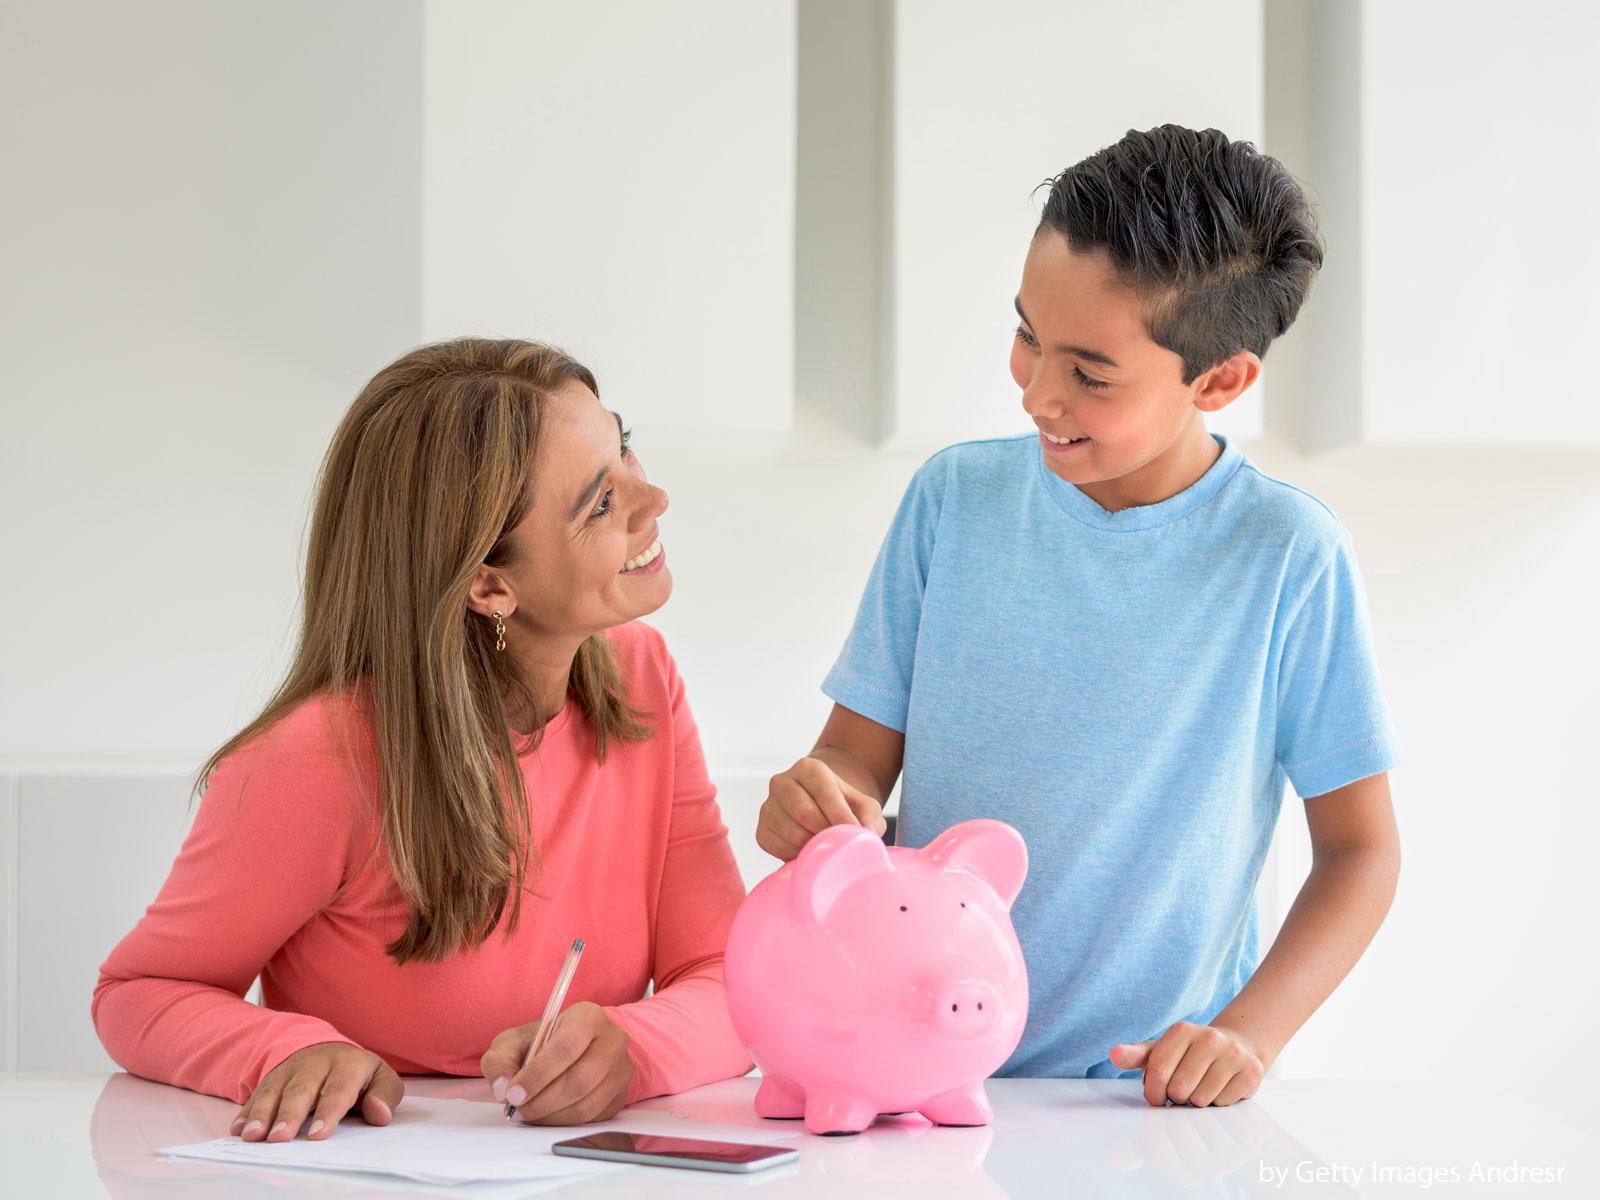 Orçamento familiar: um papo para todos